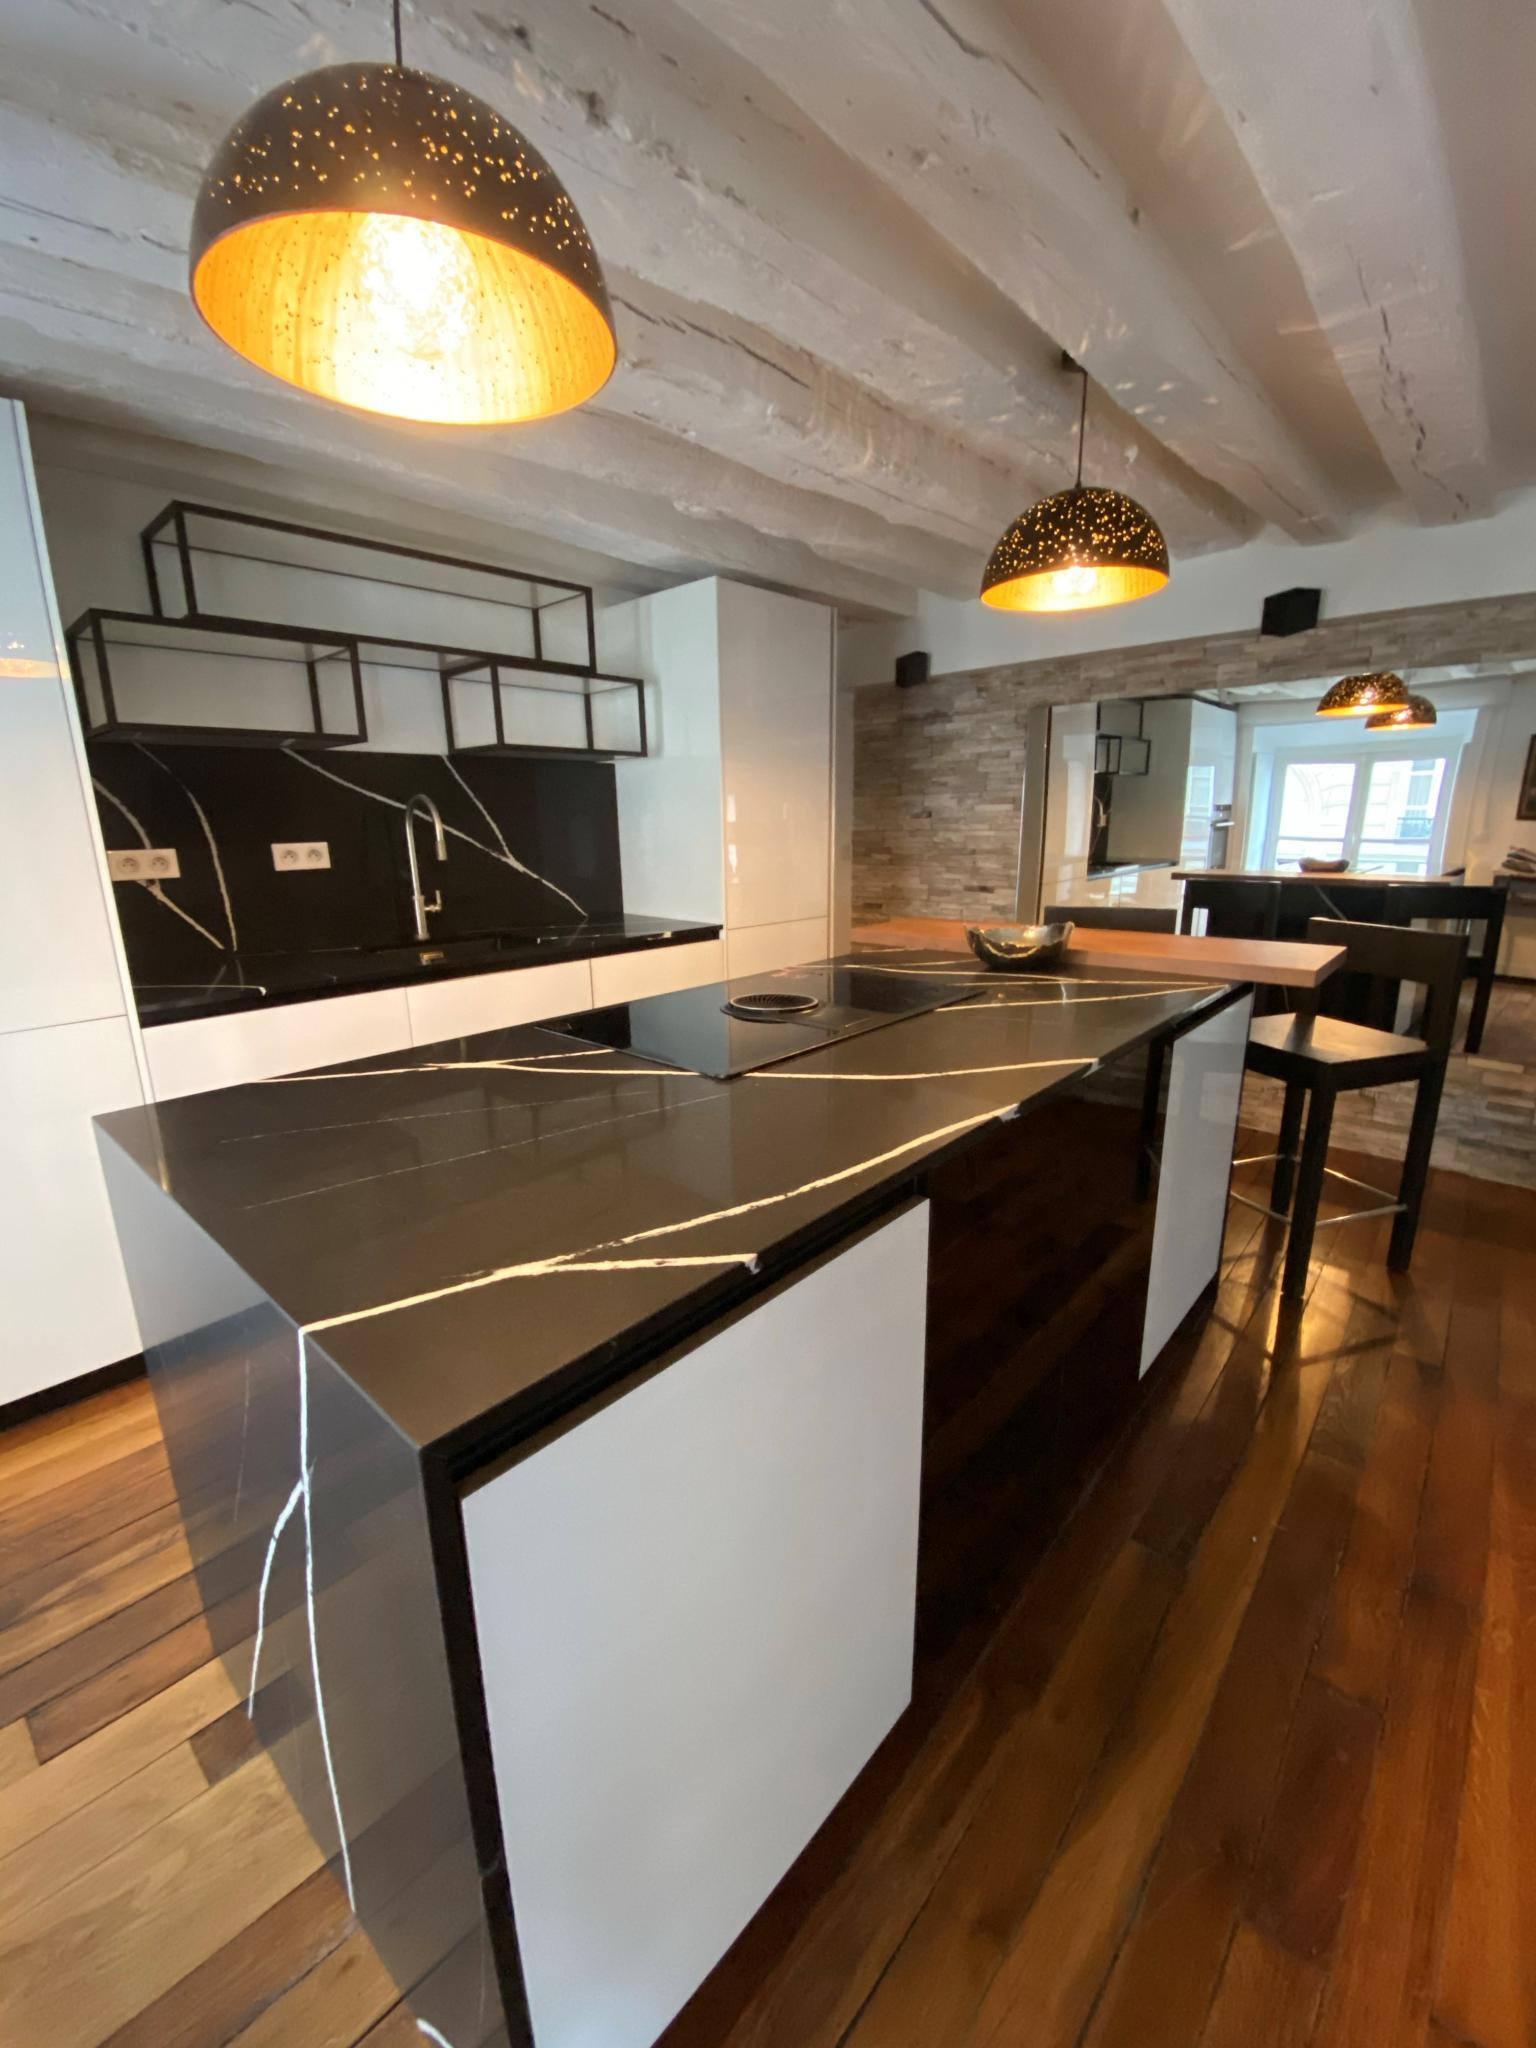 Plan-travail-sur-mesure-marbrerie-noir-silestone-STC-Paris